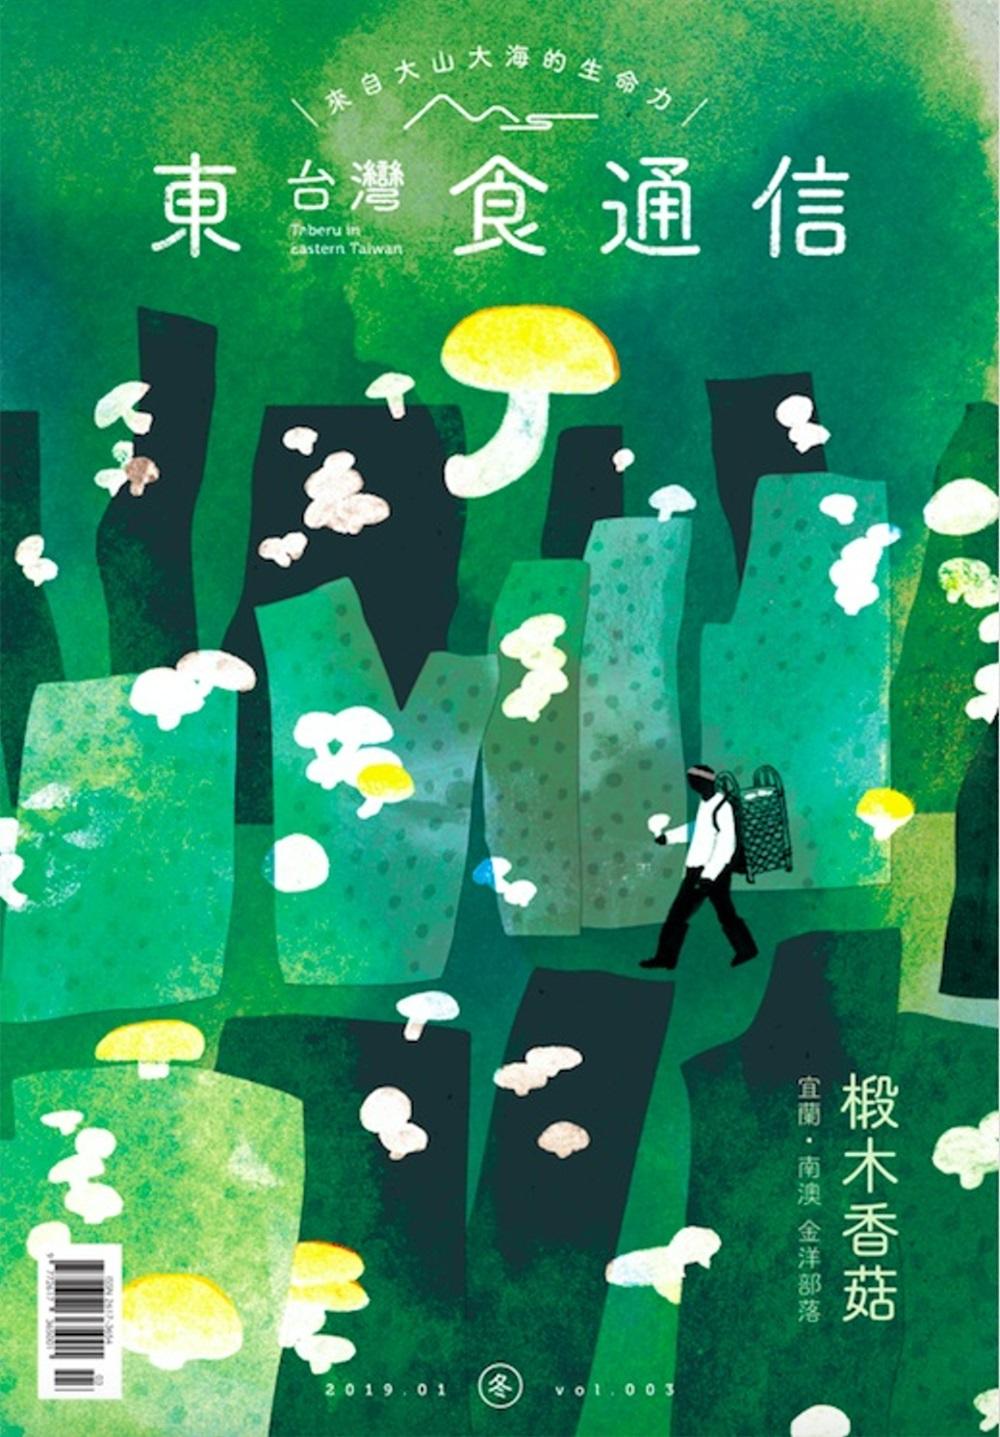 東台灣食通信 1月號/2019 第三期海報+椴木香菇